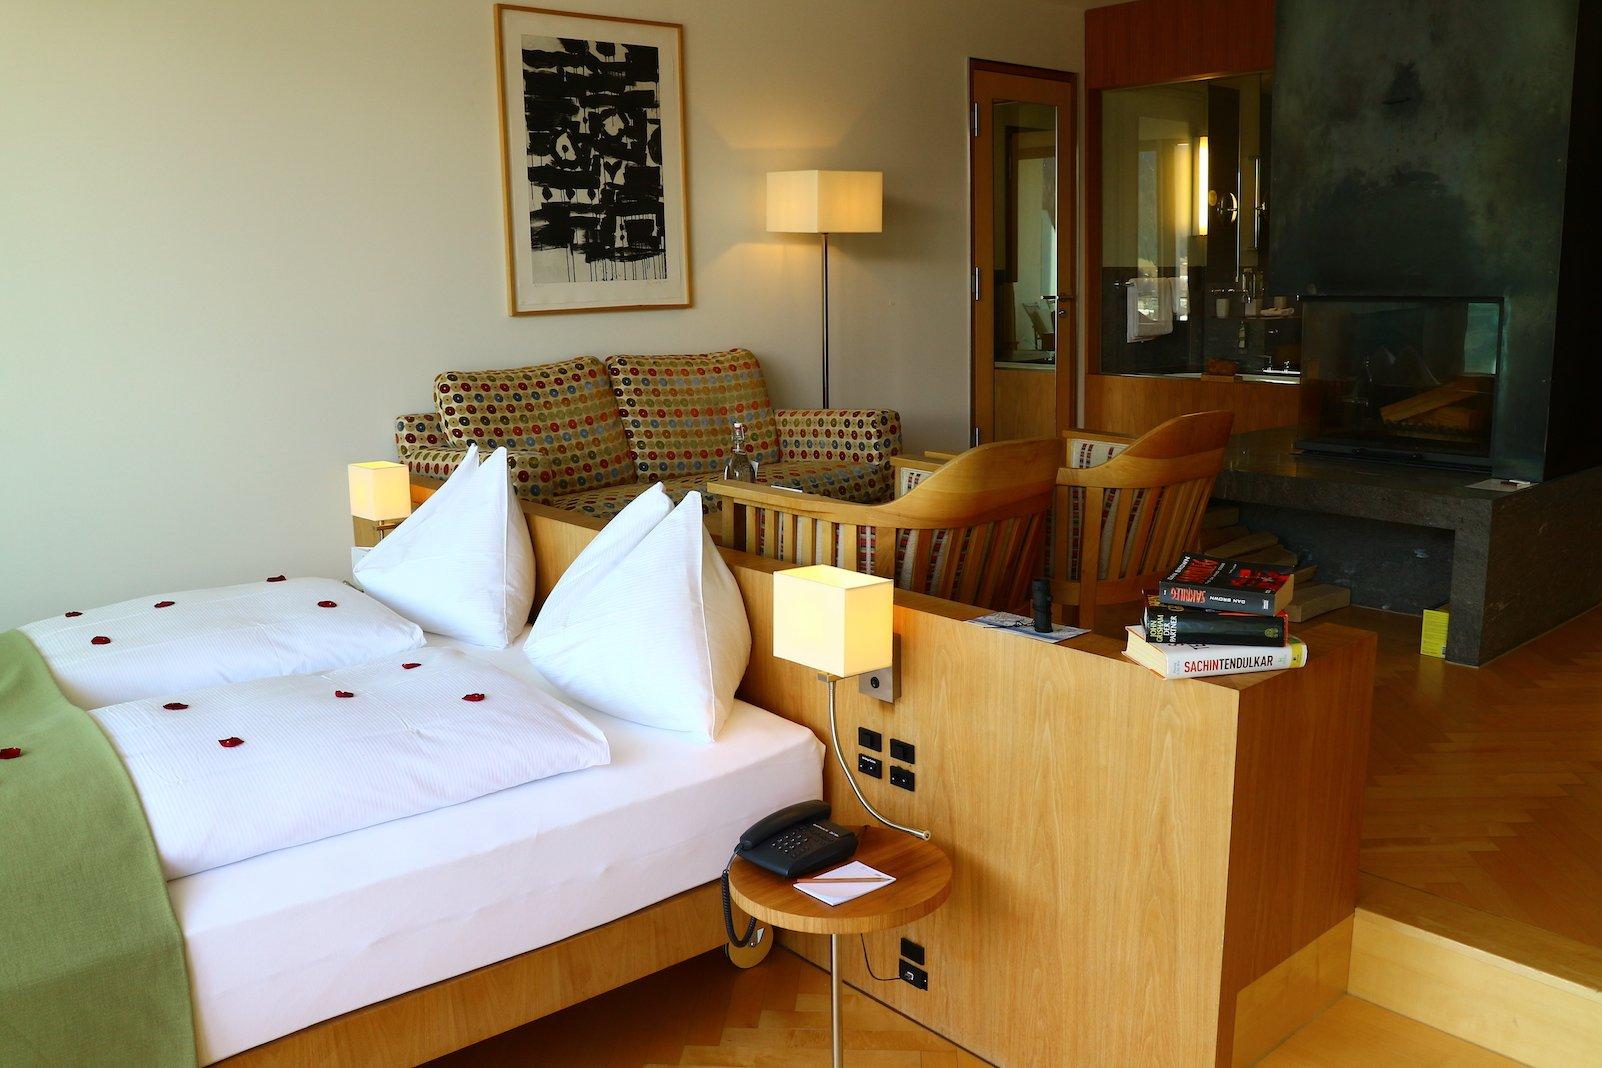 Bett mit Rosenblättern und Blick quer durch die Suite (Foto: Gesine Klinkigt)